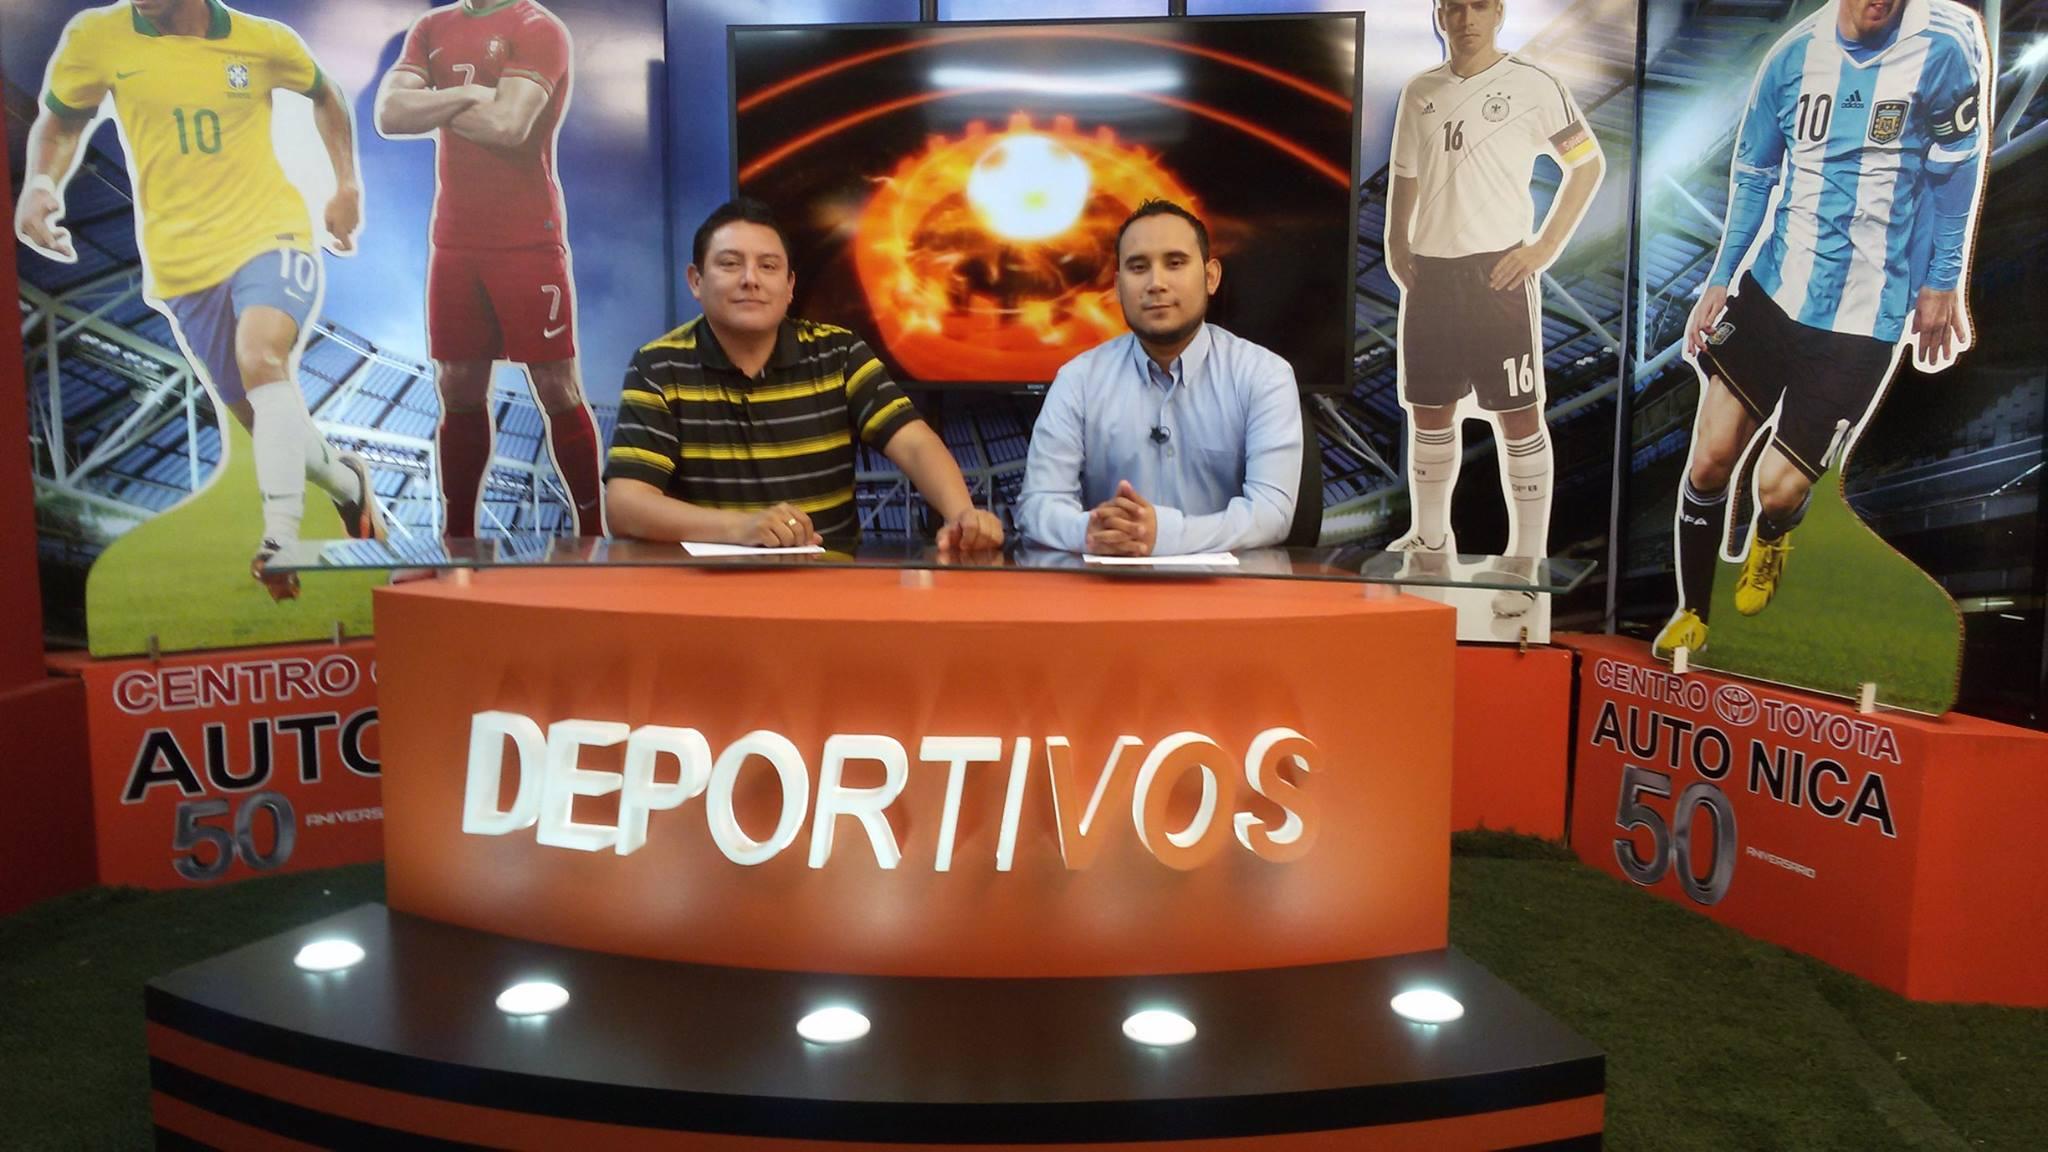 Zona Mundialista programa especial en Deportivos